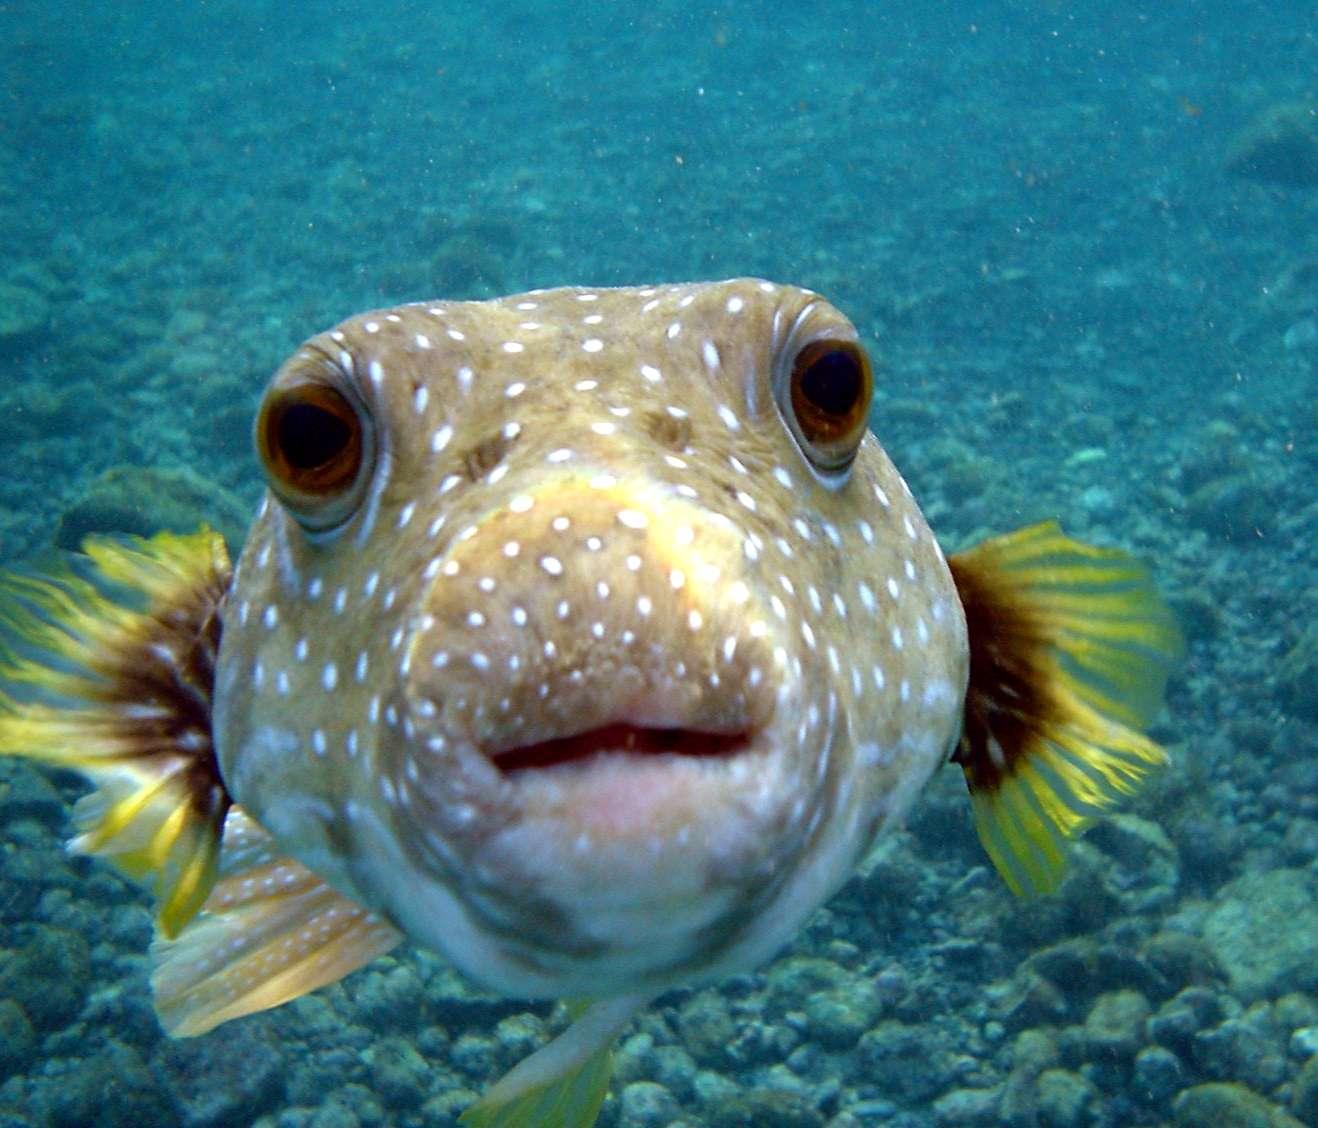 Les poissons communiquent avec leurs nageoires pectorales. Un peu comme nous parlons avec les mains... © Brocken Inaglory, Wikipédia, cc by sa 3.0